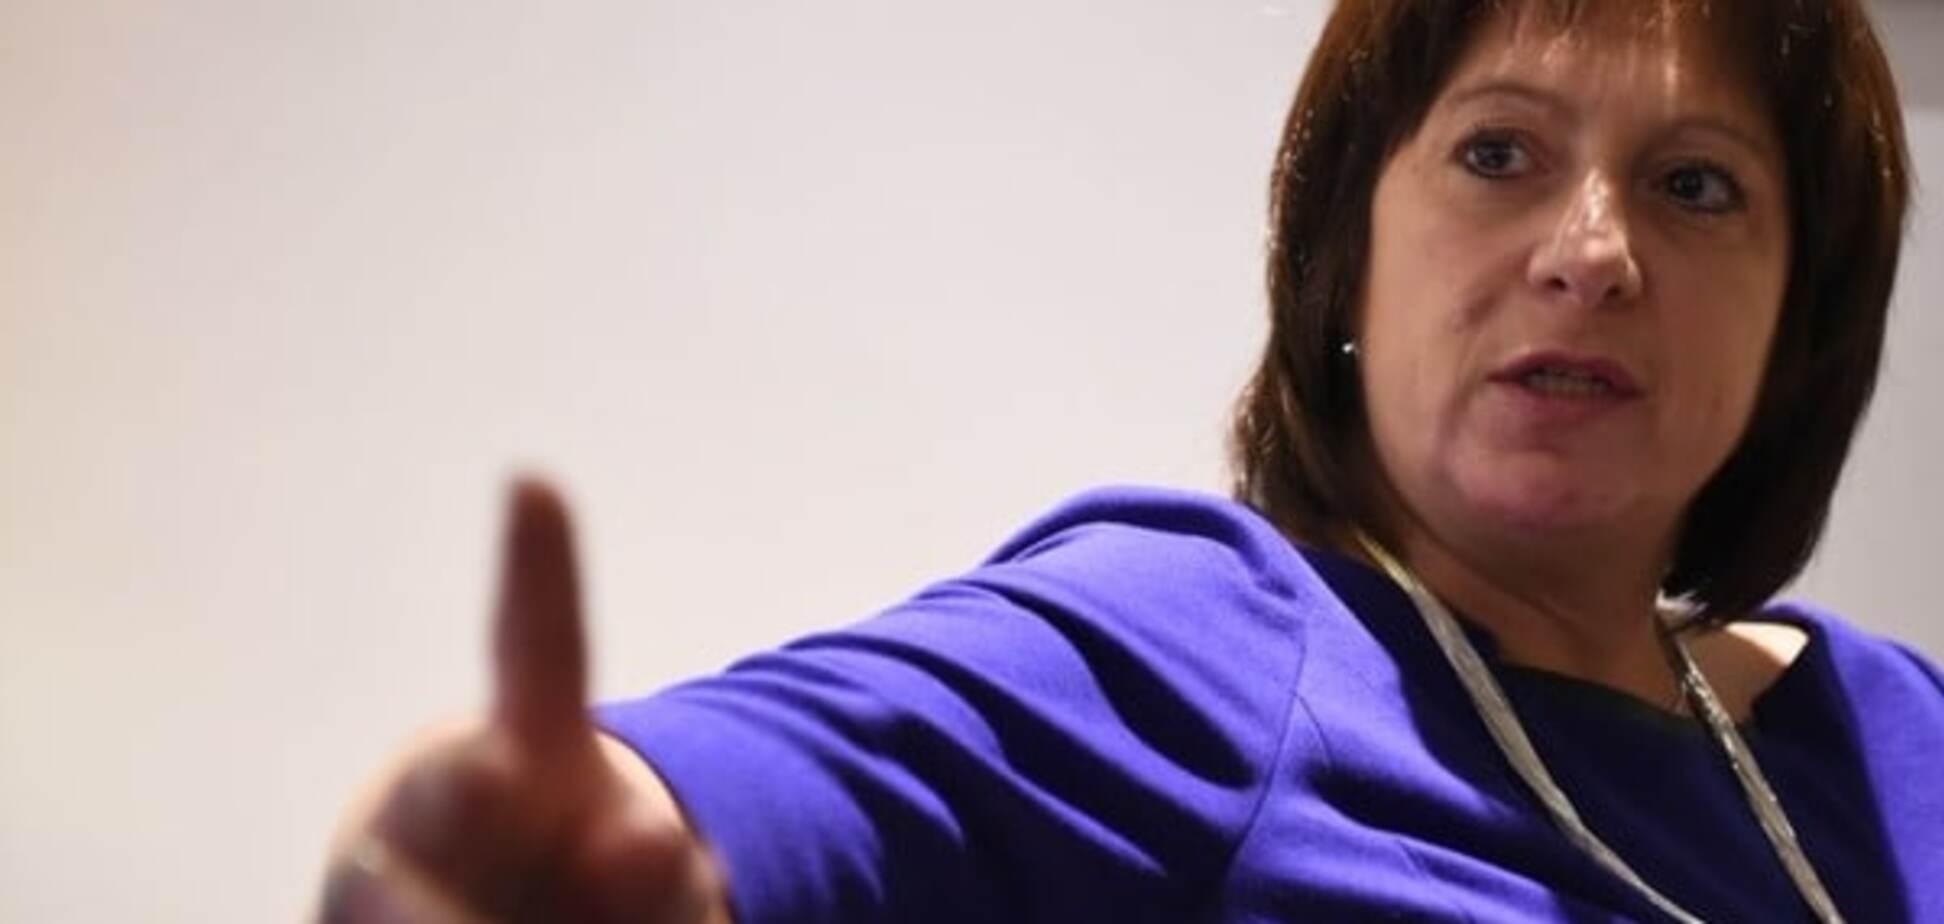 'Марія начебто Захарова' оскандалилася: російський дипломат образила Яресько